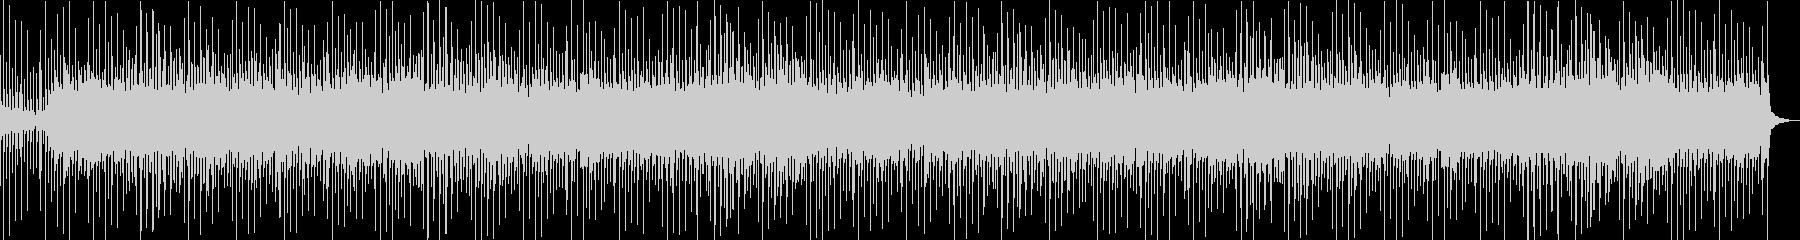 カントリー風スライドギターの未再生の波形